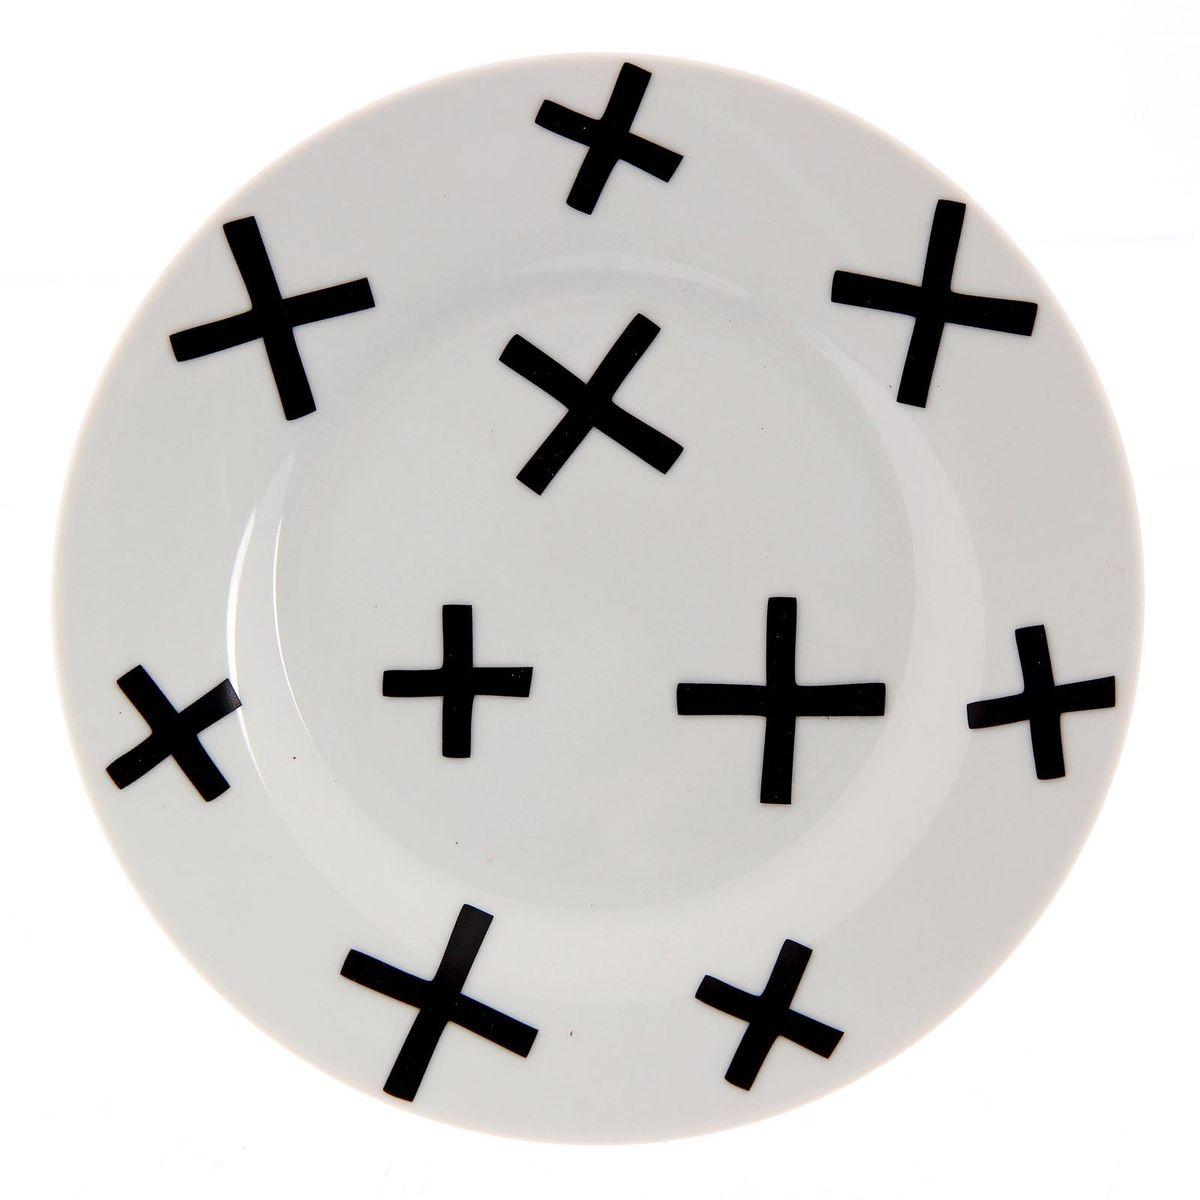 Тарелка мелкая Сотвори чудо My Little Cross, диаметр 15,5 смVT-1520(SR)Хотите обновить интерьер кухни или гостиной? Устраиваете необычную фотосессию или тематический праздник? А может, просто ищете подарок для близкого человека? Посуда Сотвори Чудо — правильный выбор в любой ситуации. Тарелка Сотвори Чудо, изготовленная из изящного фаянса нежного сливочного цвета, оформлена оригинальным рисунком со стойкой краской. Пригодна для посудомоечной машины.